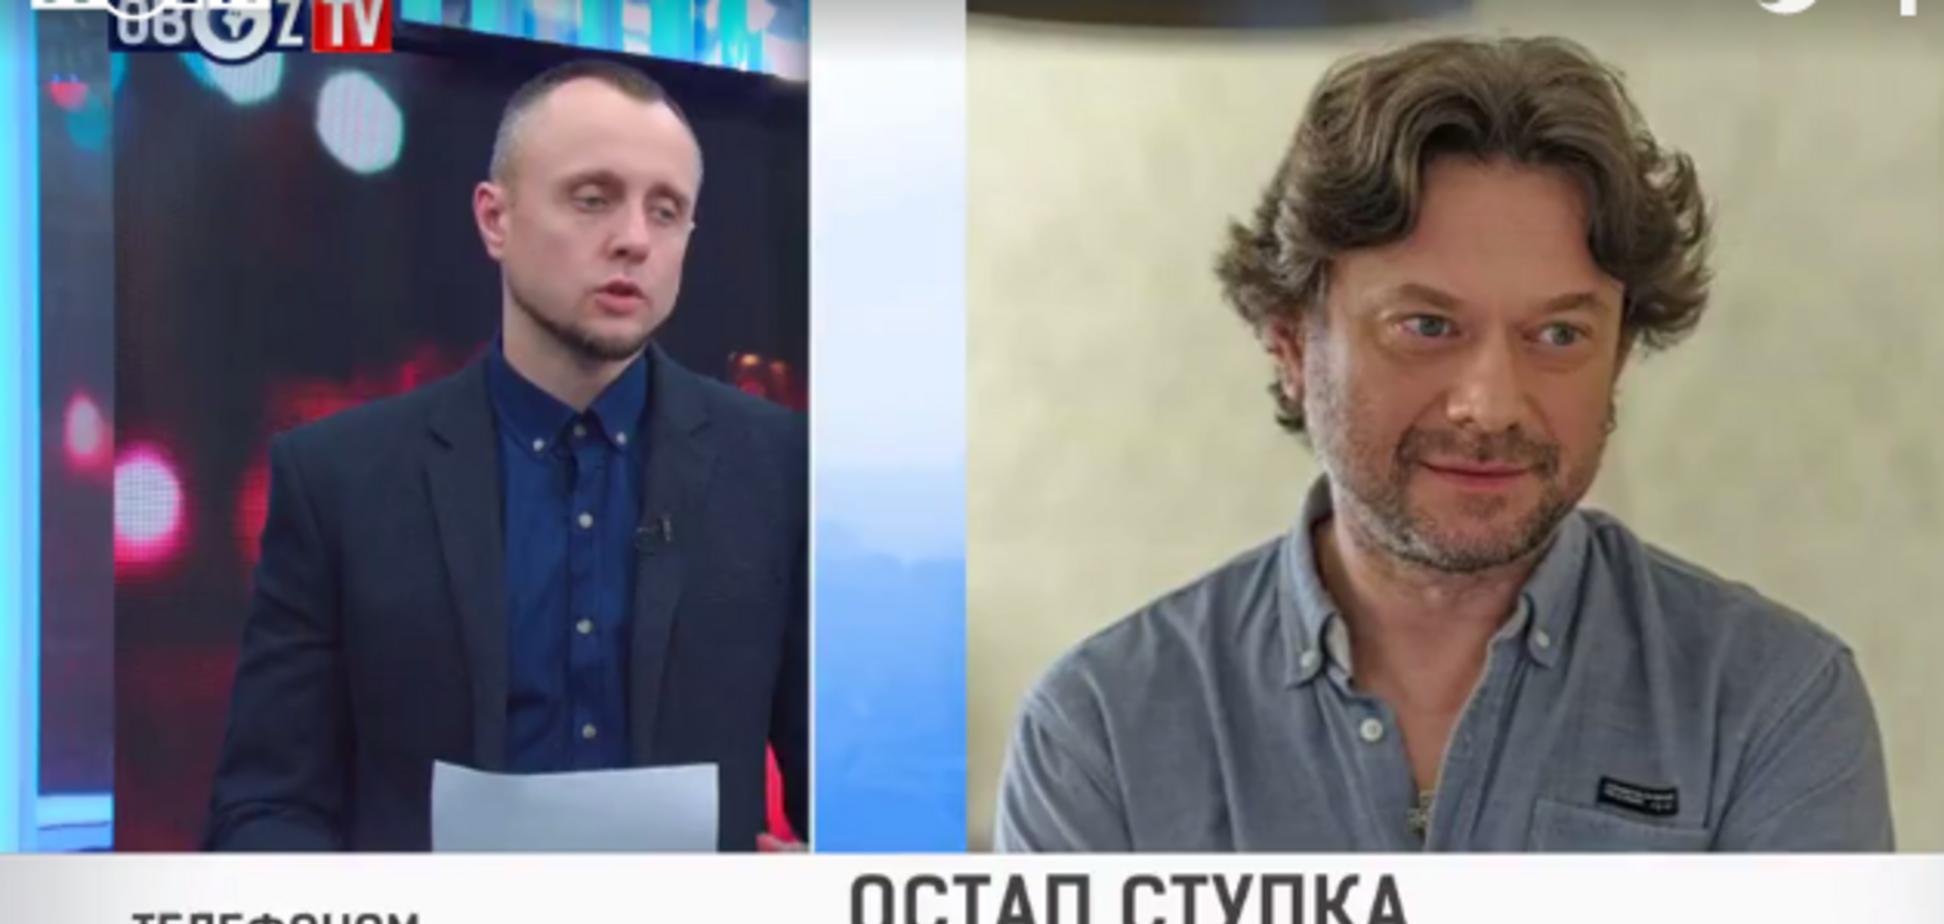 'Мы плетемся в хвосте': Ступка пристыдил украинских кинематографистов